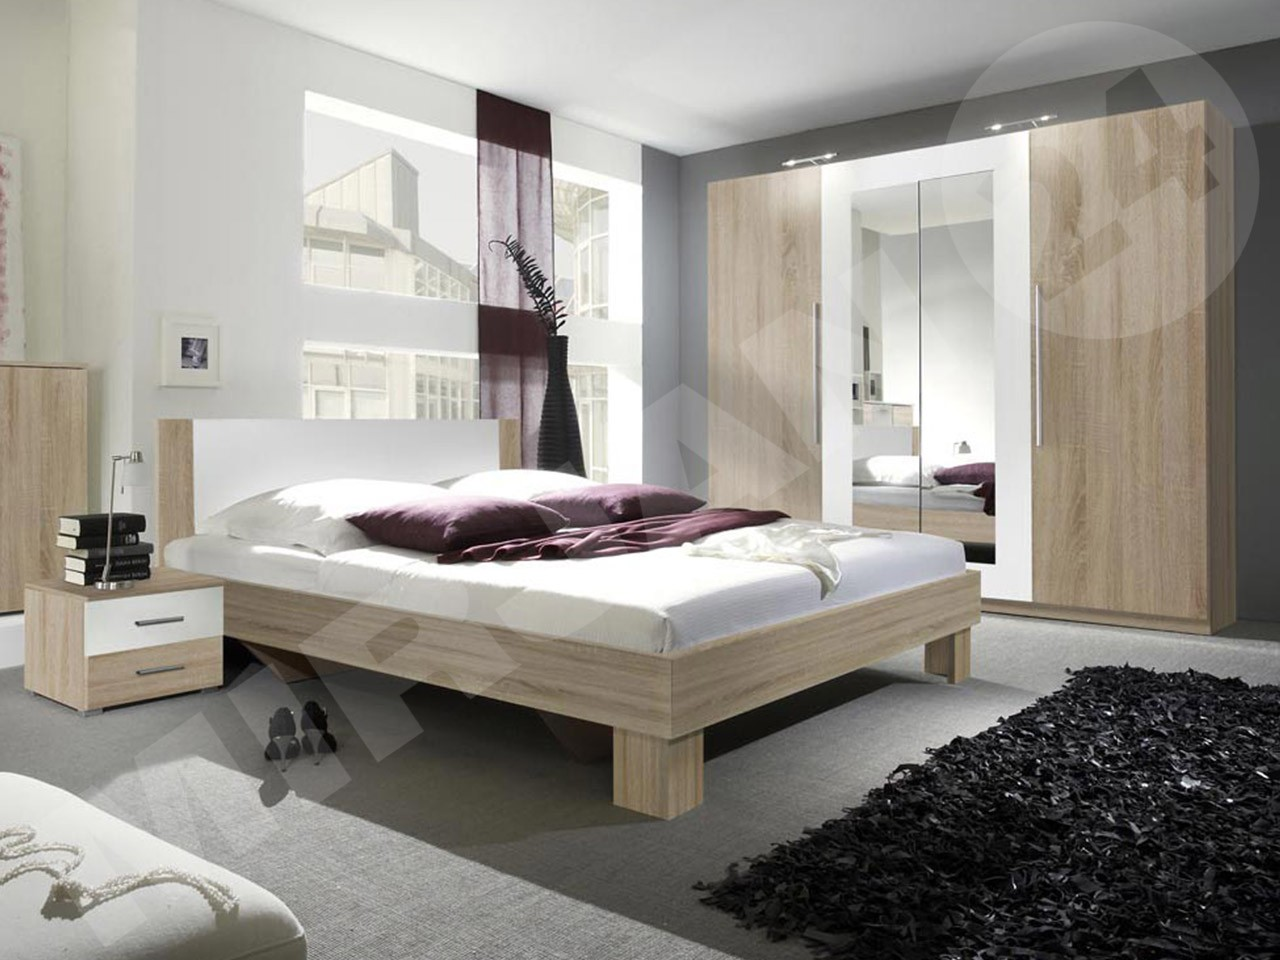 Schlafzimmer-Set Vera II | Lieferung KOSTENLOS | Mirjan24